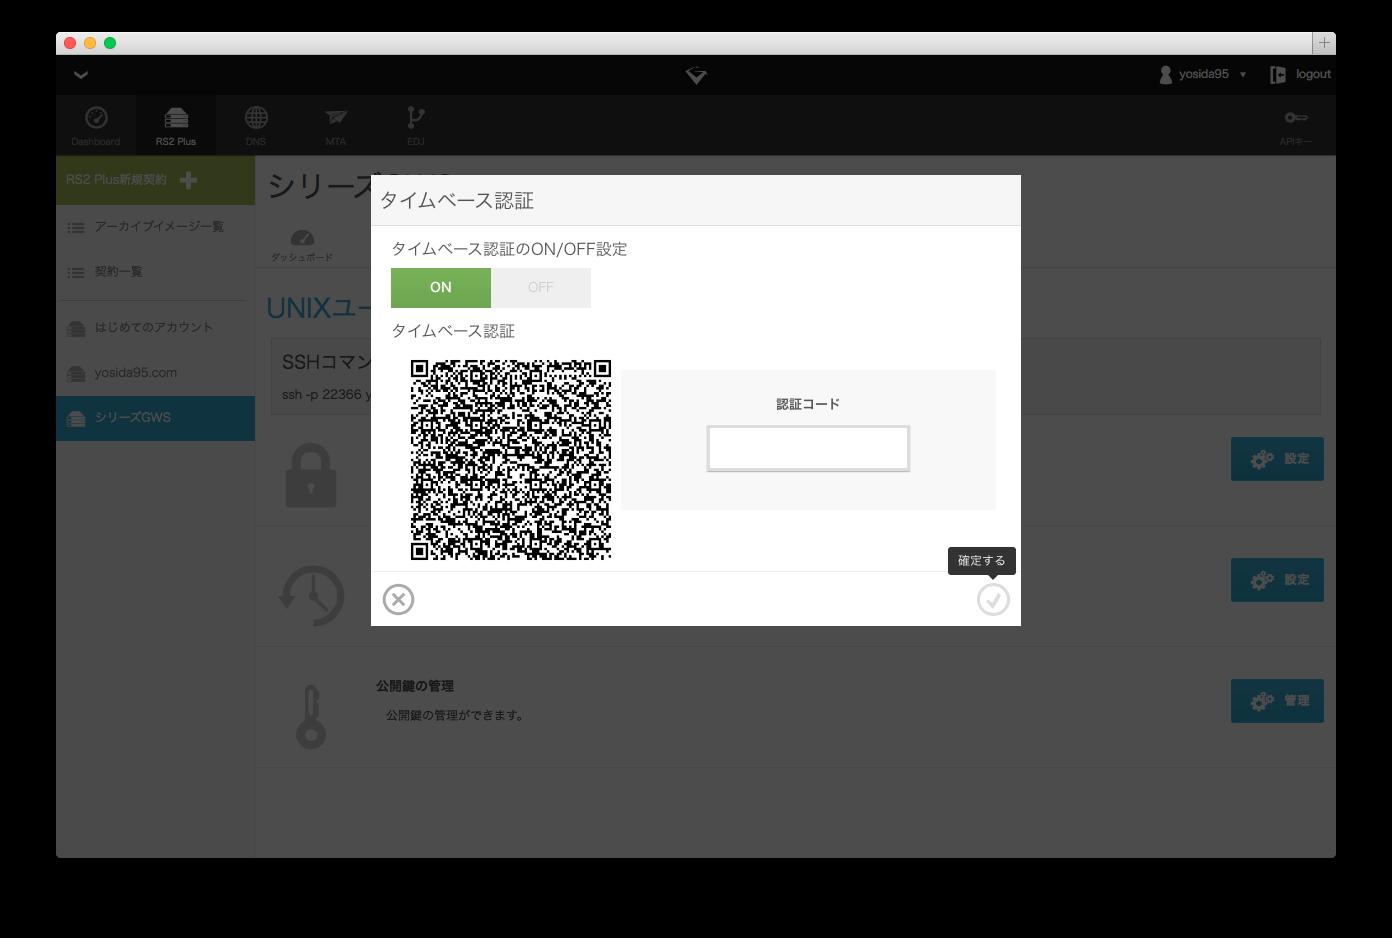 Gehirn RS2 Plus UNIX ユーザタイムベース認証